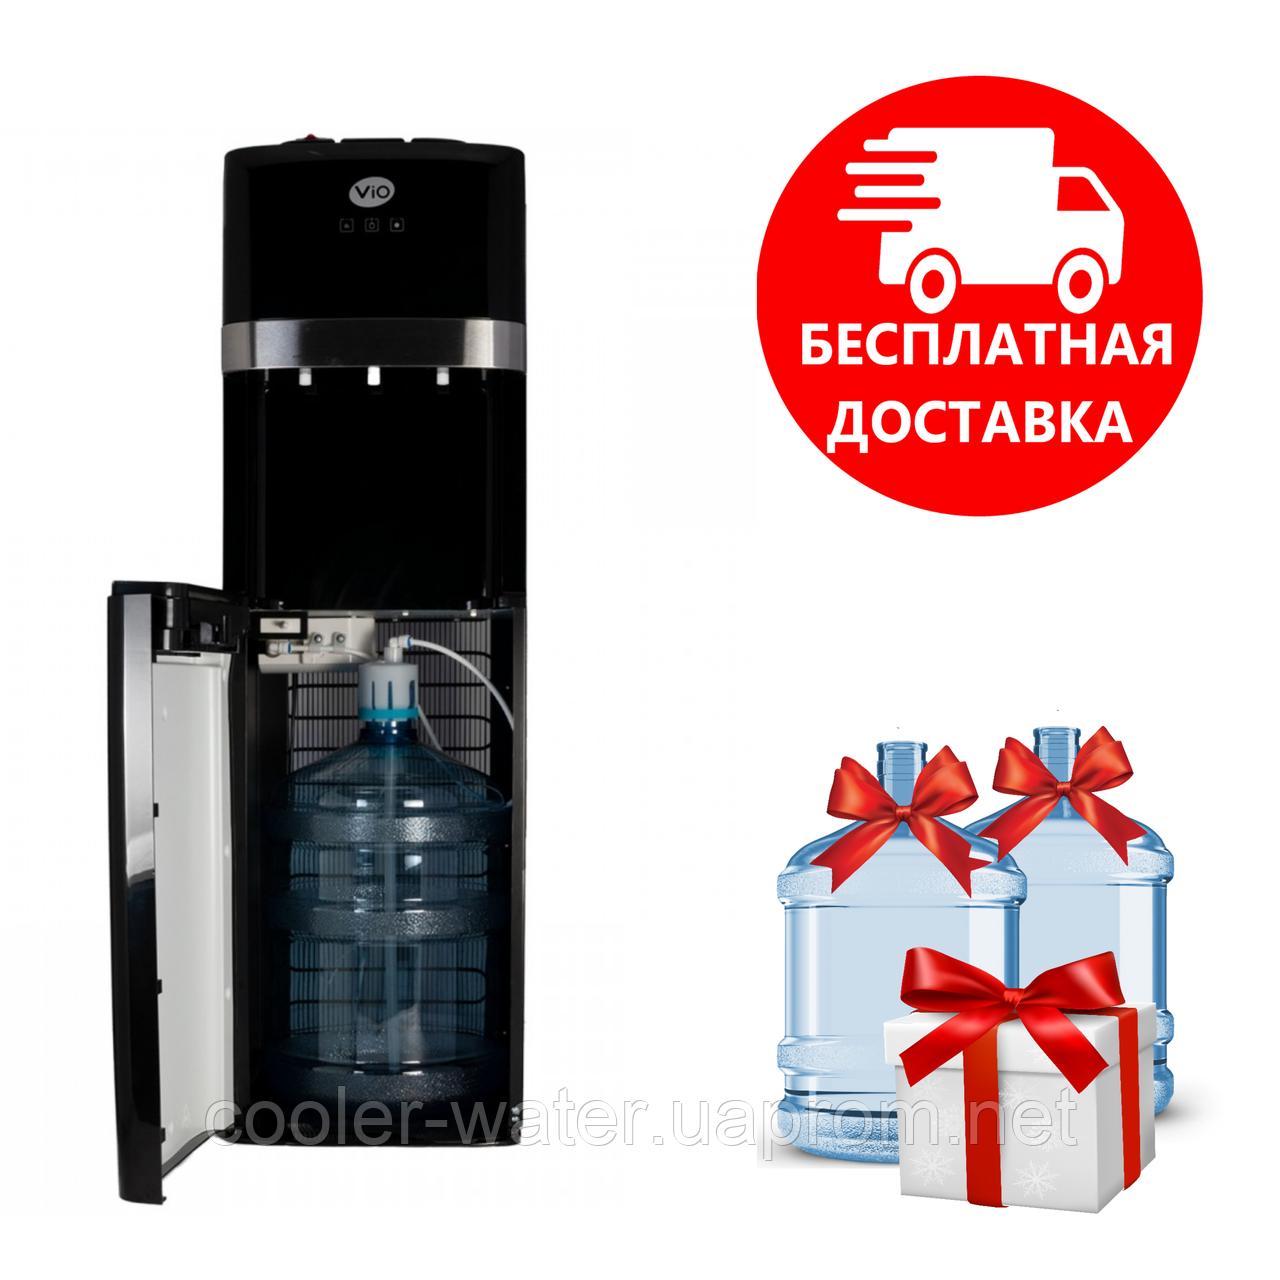 Кулер для води підлоговий з нижнім завантаженням ViO Х601-FCB Black